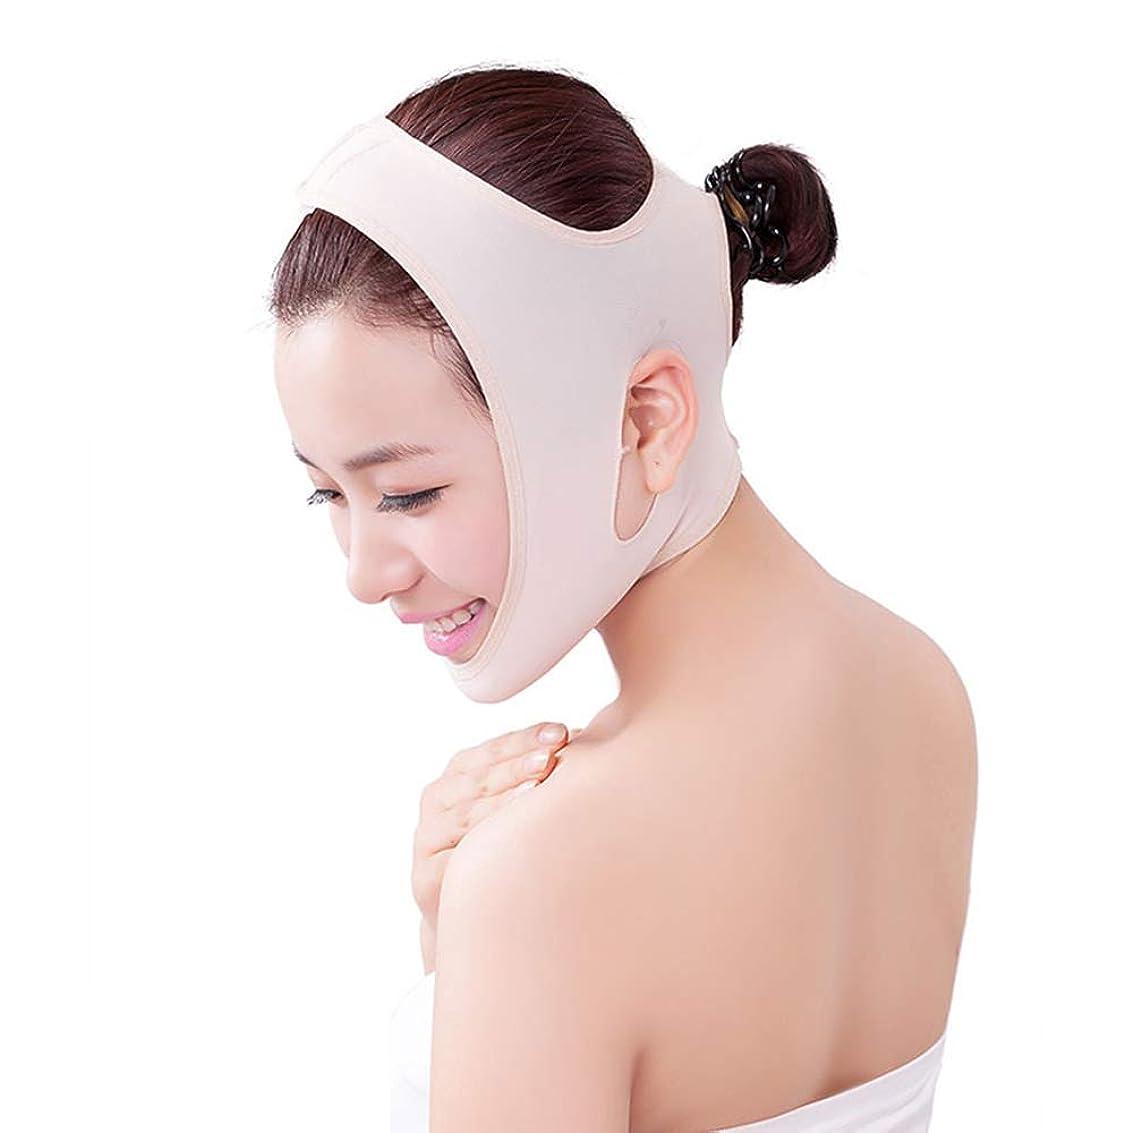 コンセンサス迷惑何十人もJia Jia- 顔の持ち上がる痩身ベルト - アンチエイジングリンクルフェイスマスクベルトあなたの顔のためのすばらしい試し二重あごの試し 顔面包帯 (サイズ さいず : M)